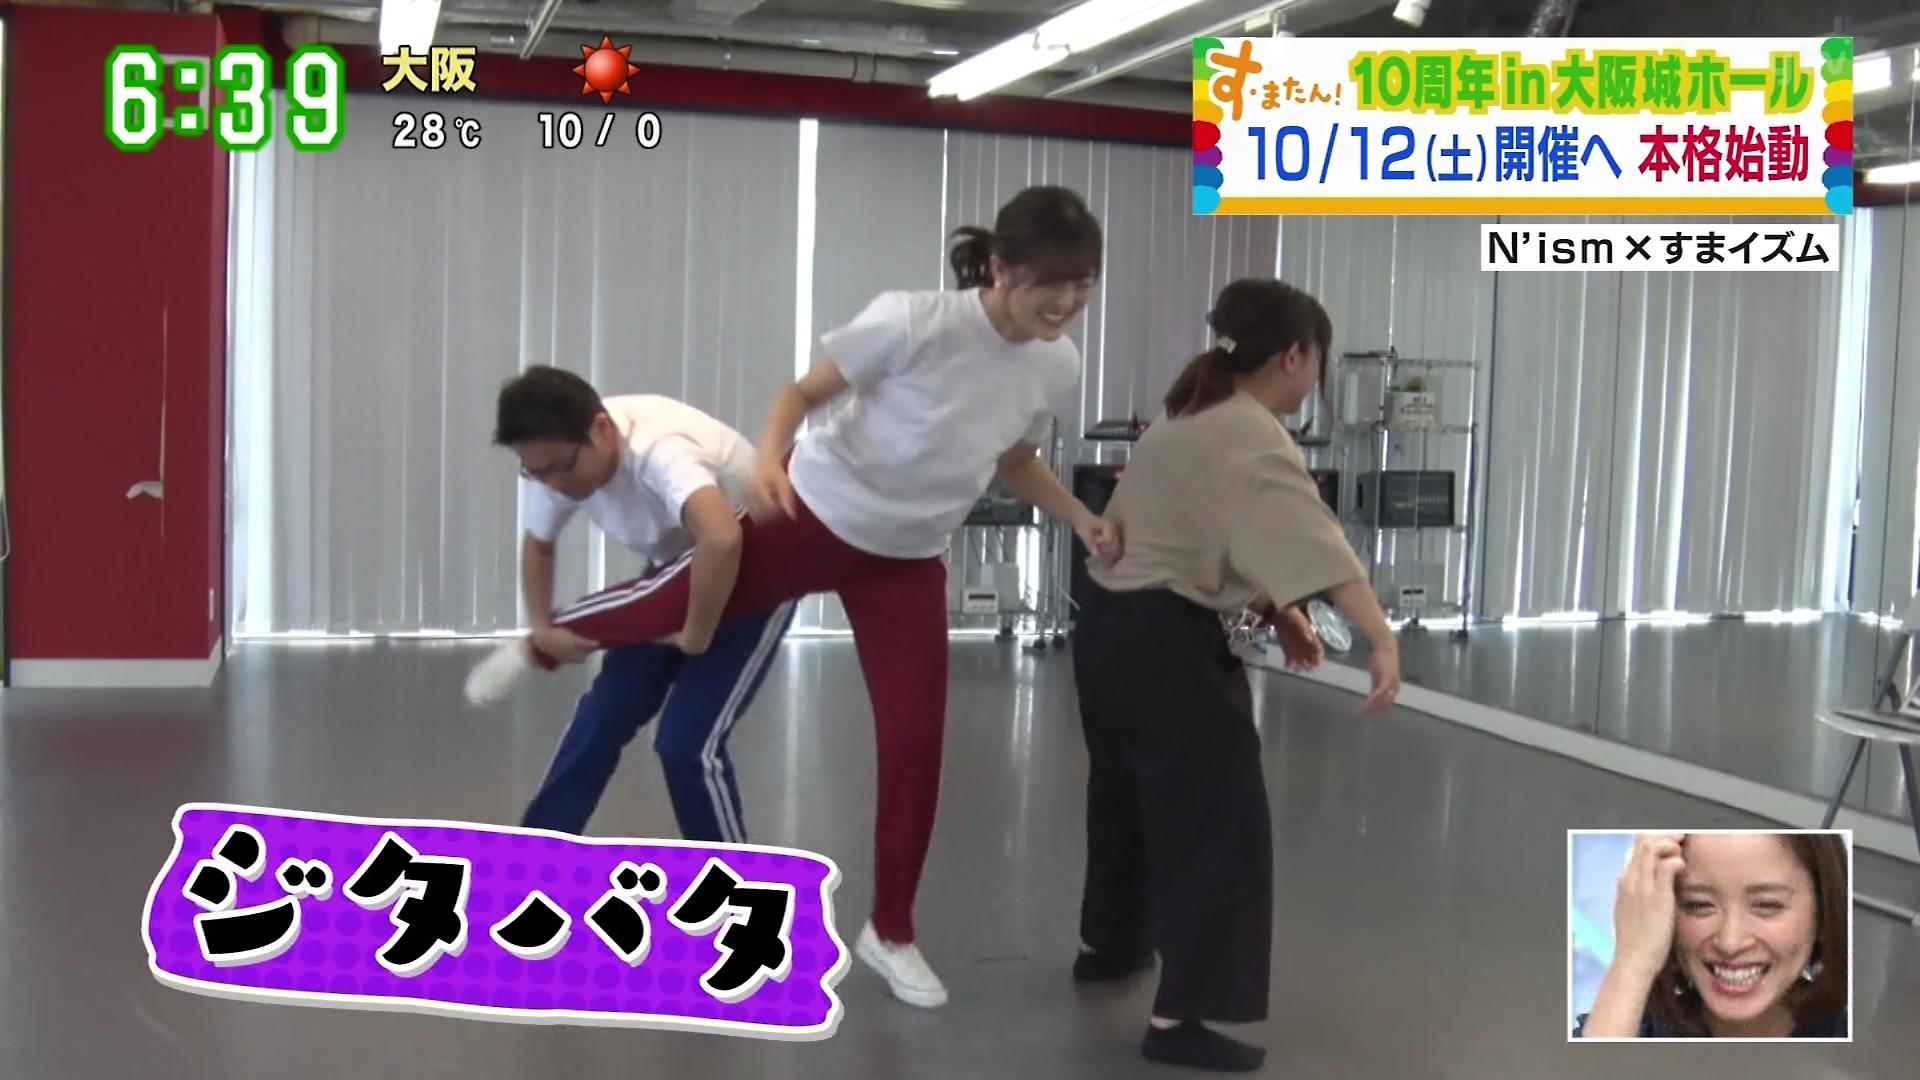 2019年9月18日に放送された「朝生ワイドす・またん!」に出演した諸國沙代子さんと中村秀香さんのテレビキャプチャー画像-056